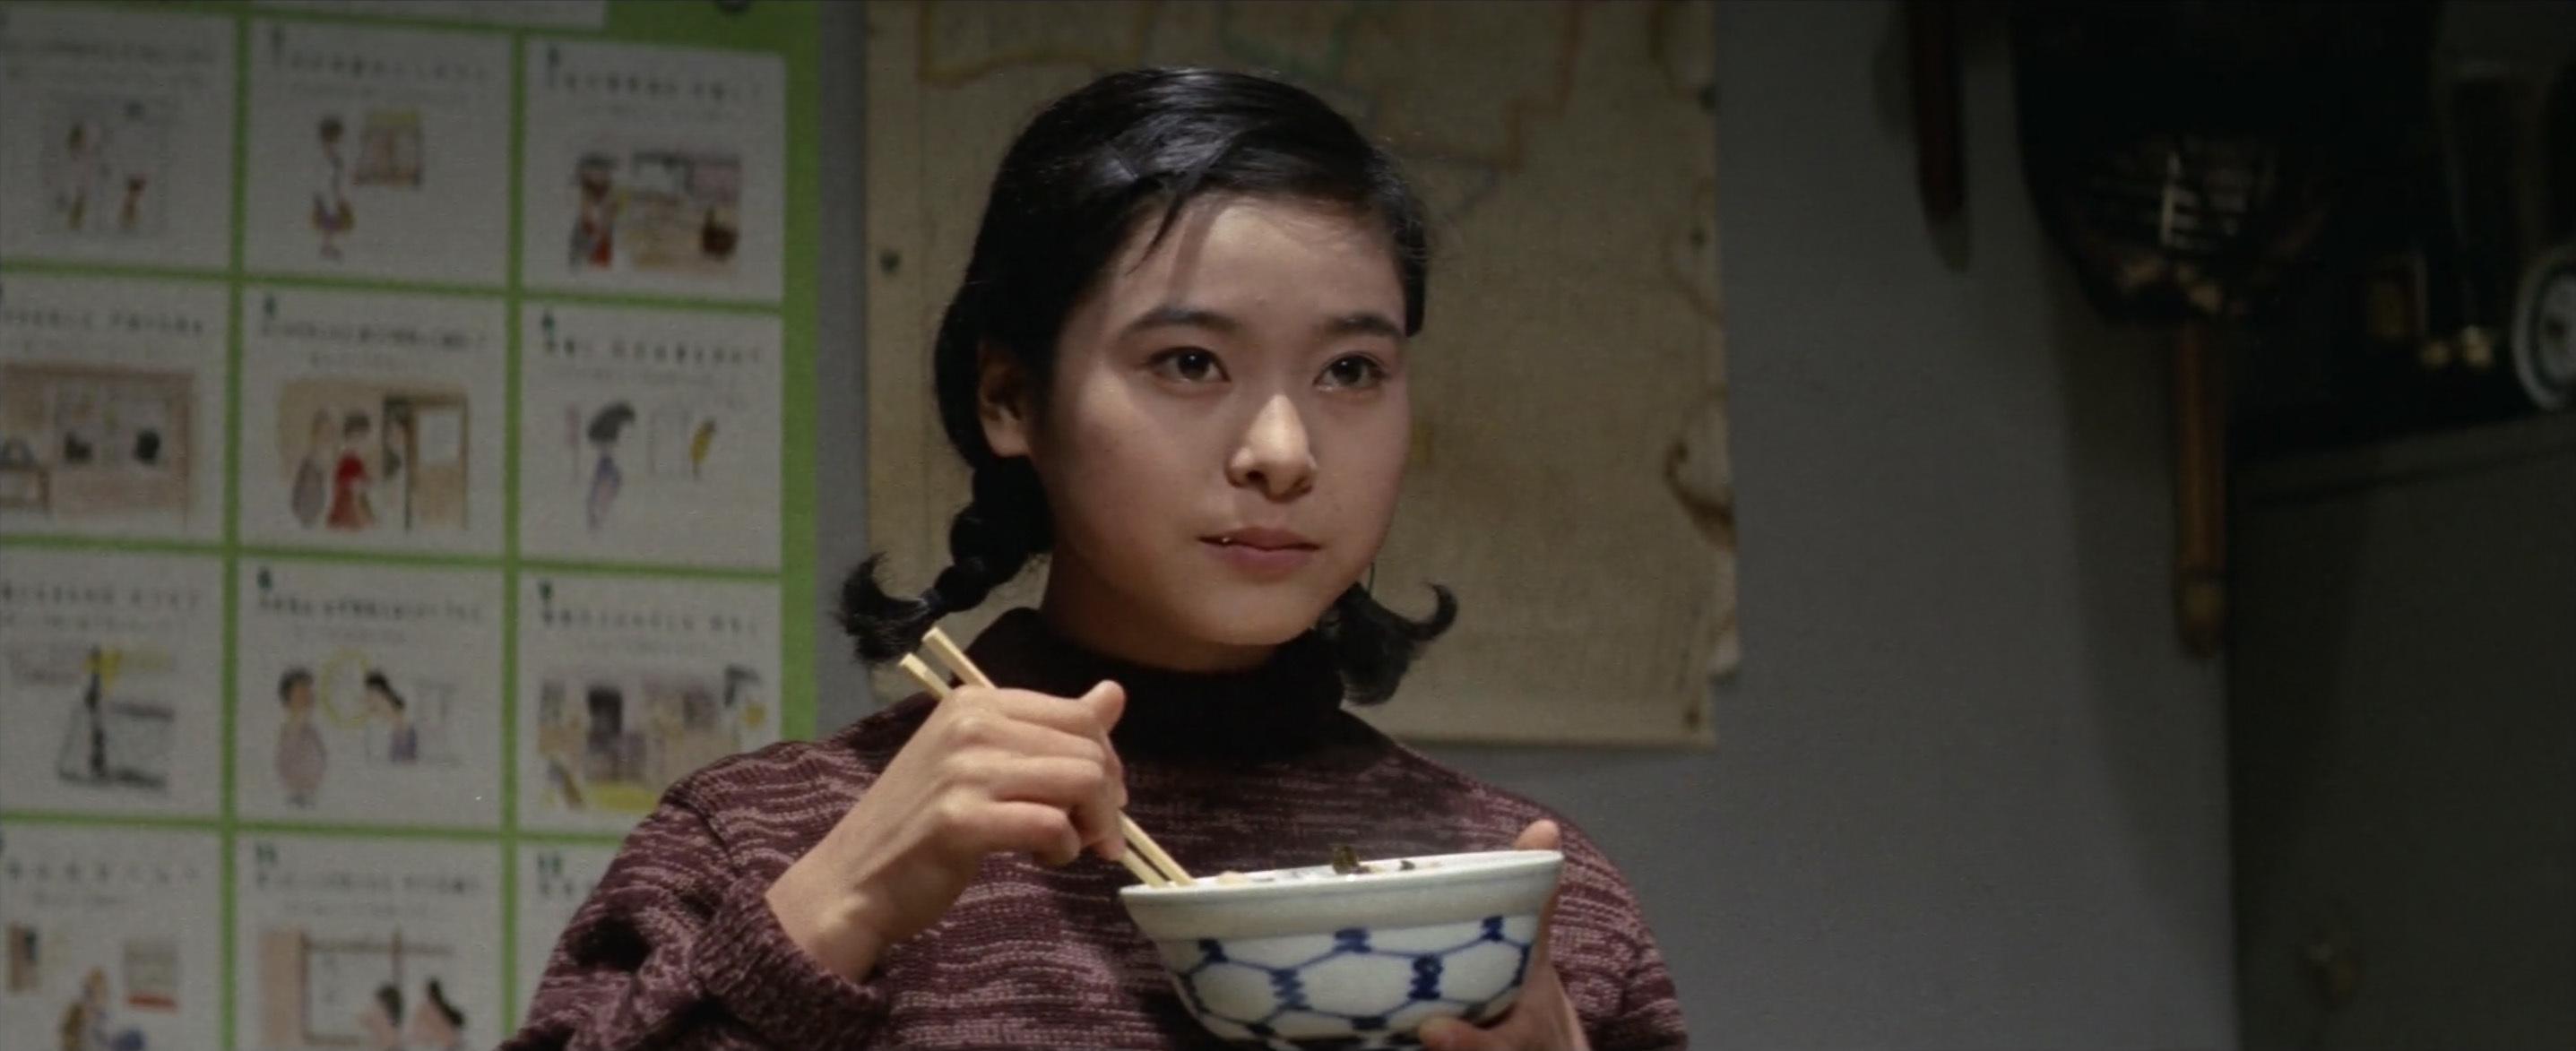 西尾三枝子(Mieko Nishio)「美しい十代」(1964)《前編》_e0042361_21085550.jpg